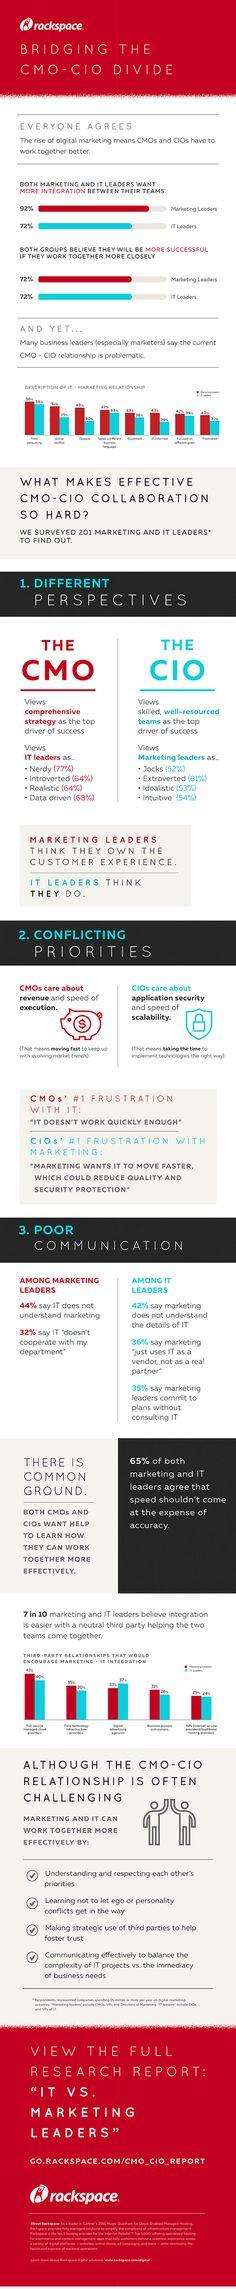 cmo-cio infographic